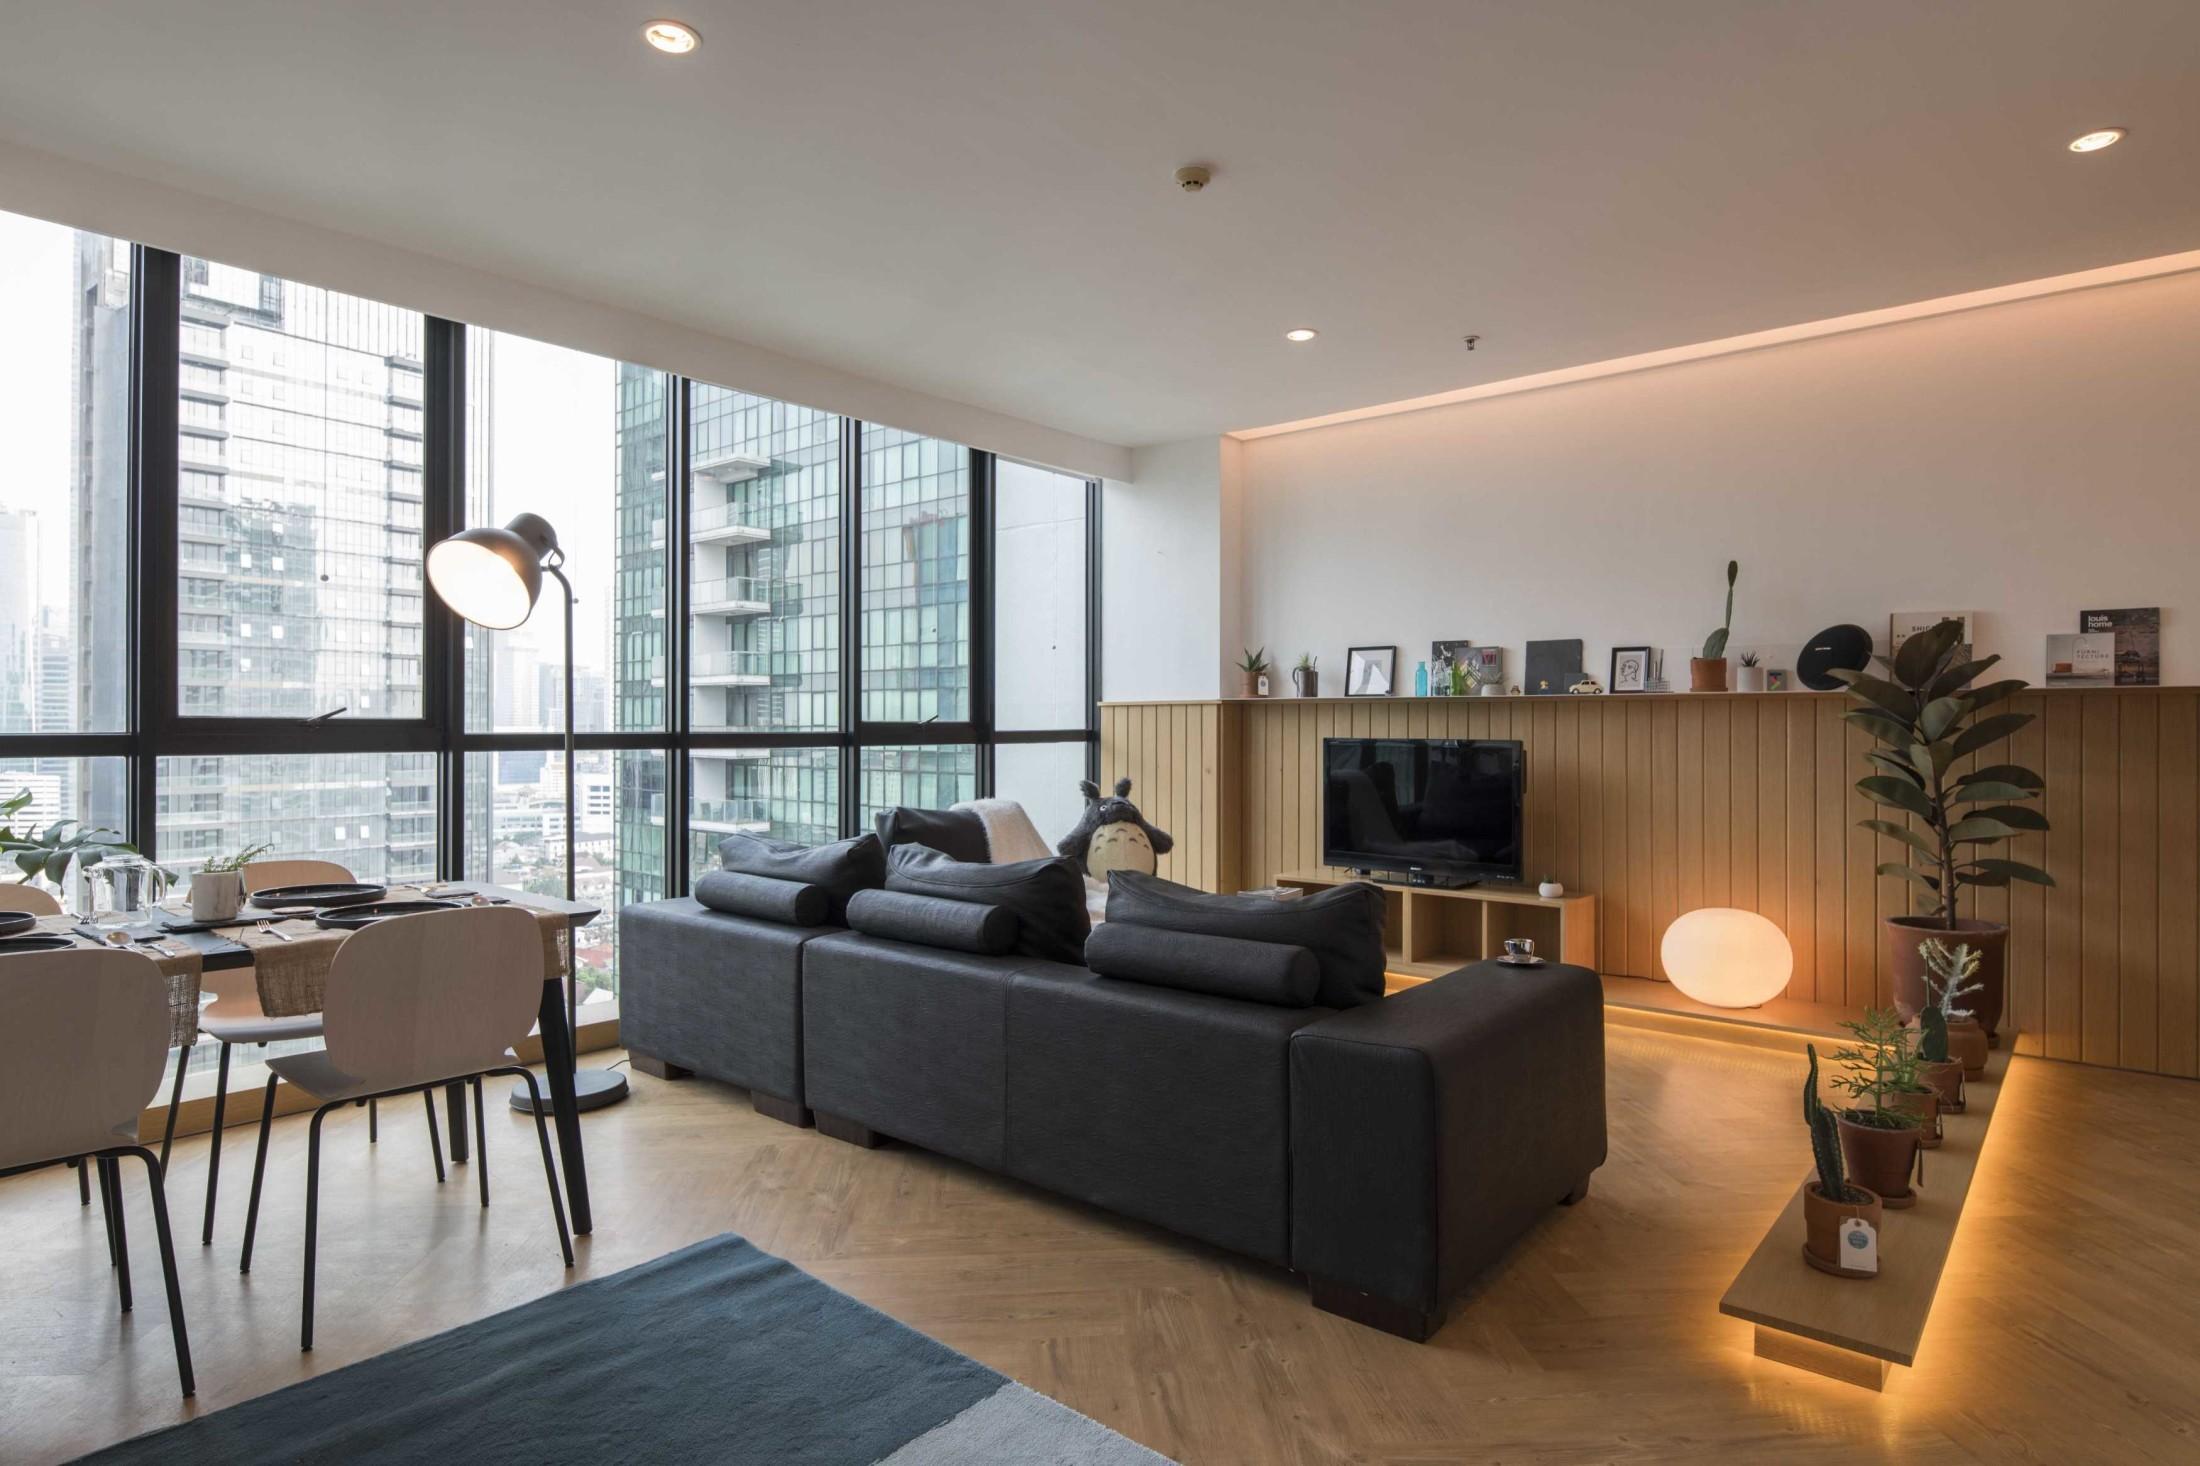 Permainan garis dan geometri untuk menghadirkan keindahan gaya minimalis di apartemen (Sumber: arsitag.com)